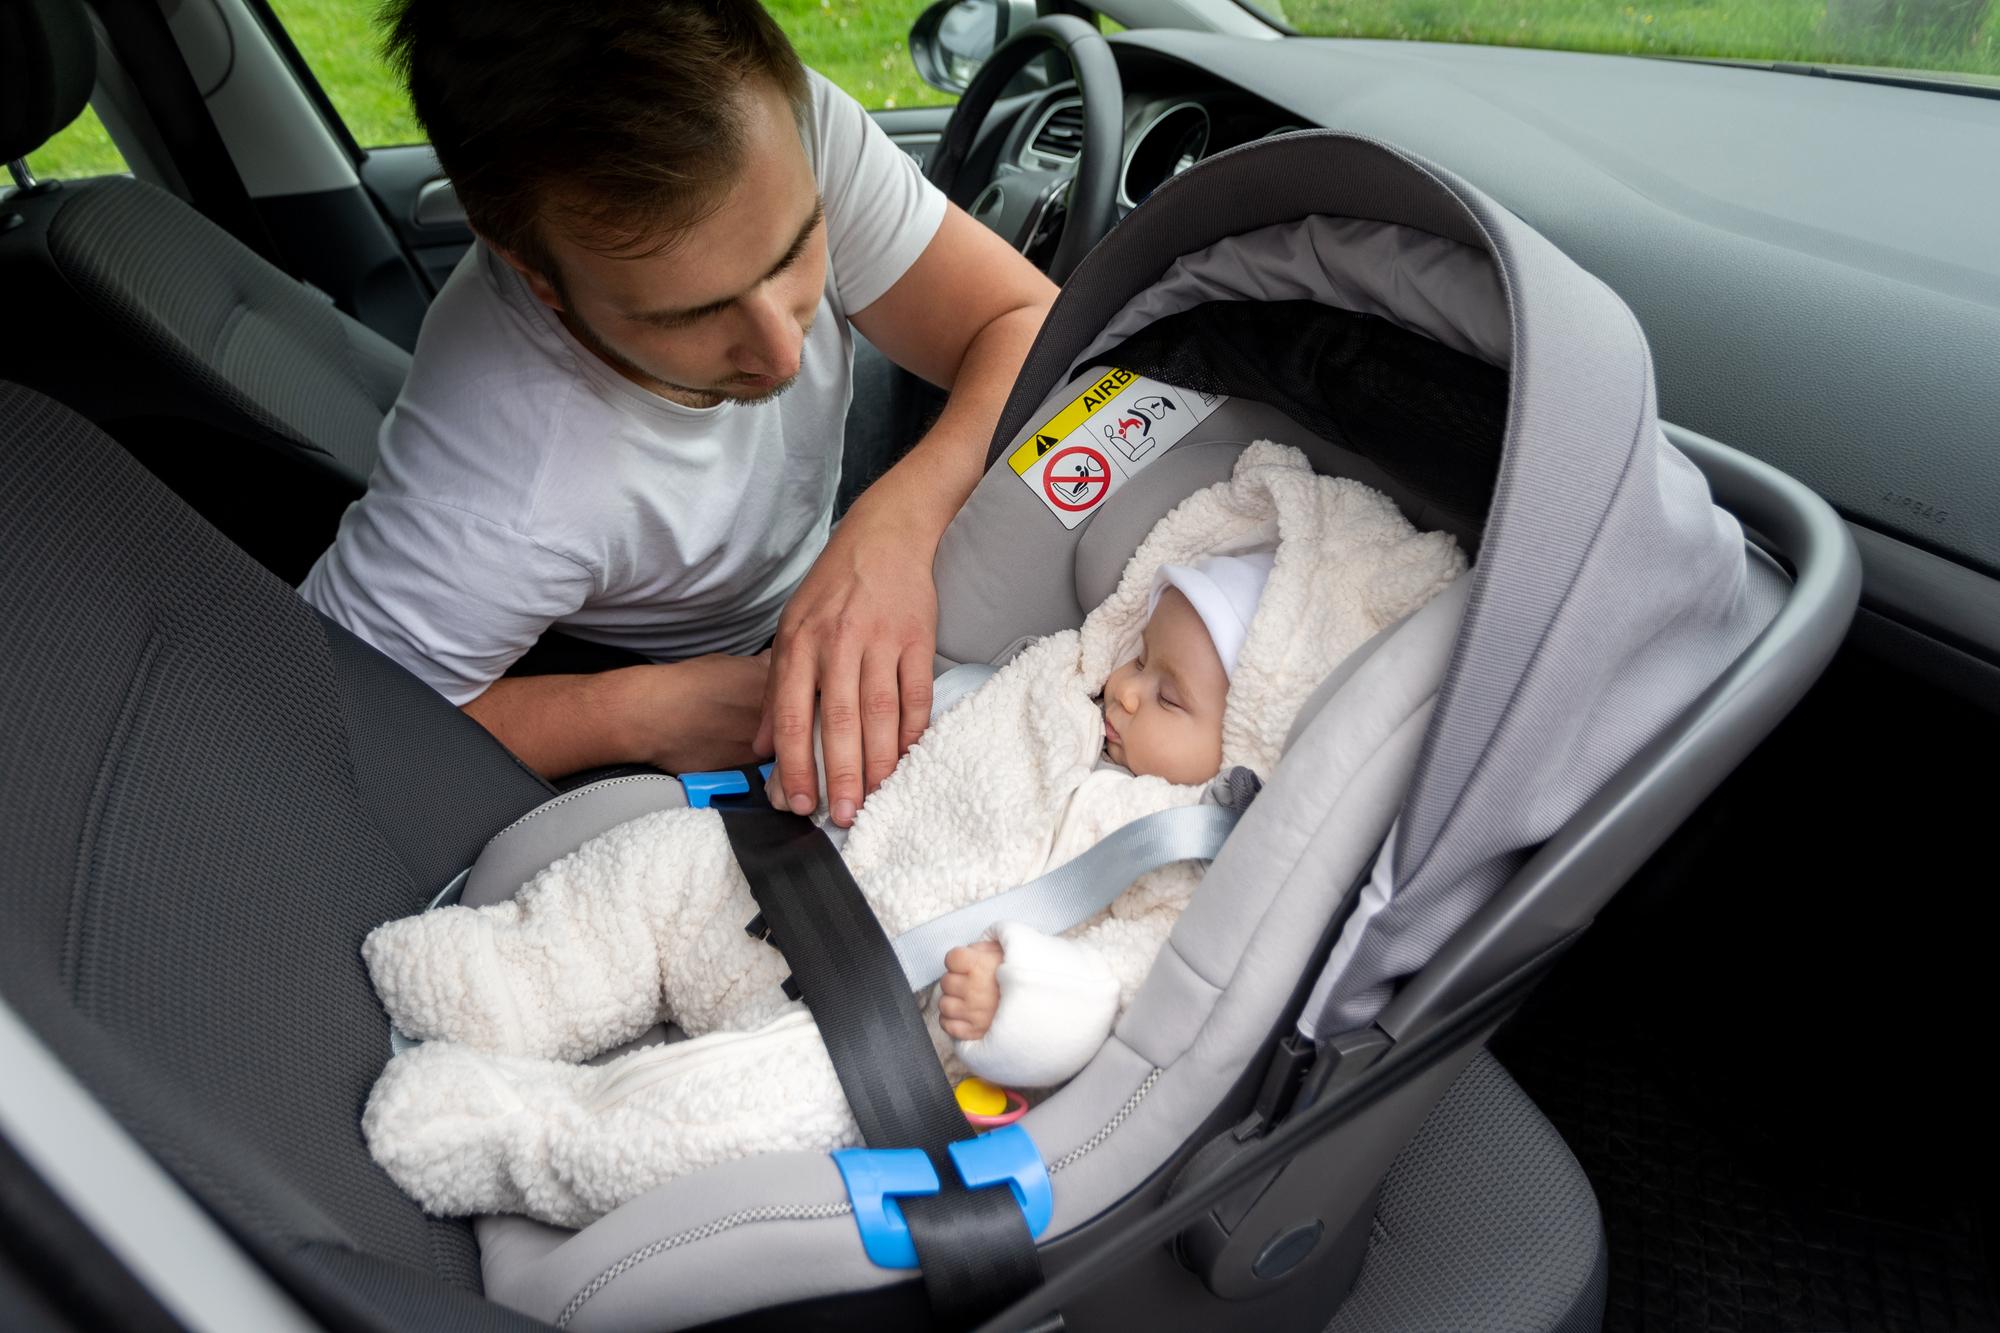 Kind voorin de auto zitten – Wanneer is het veilig?